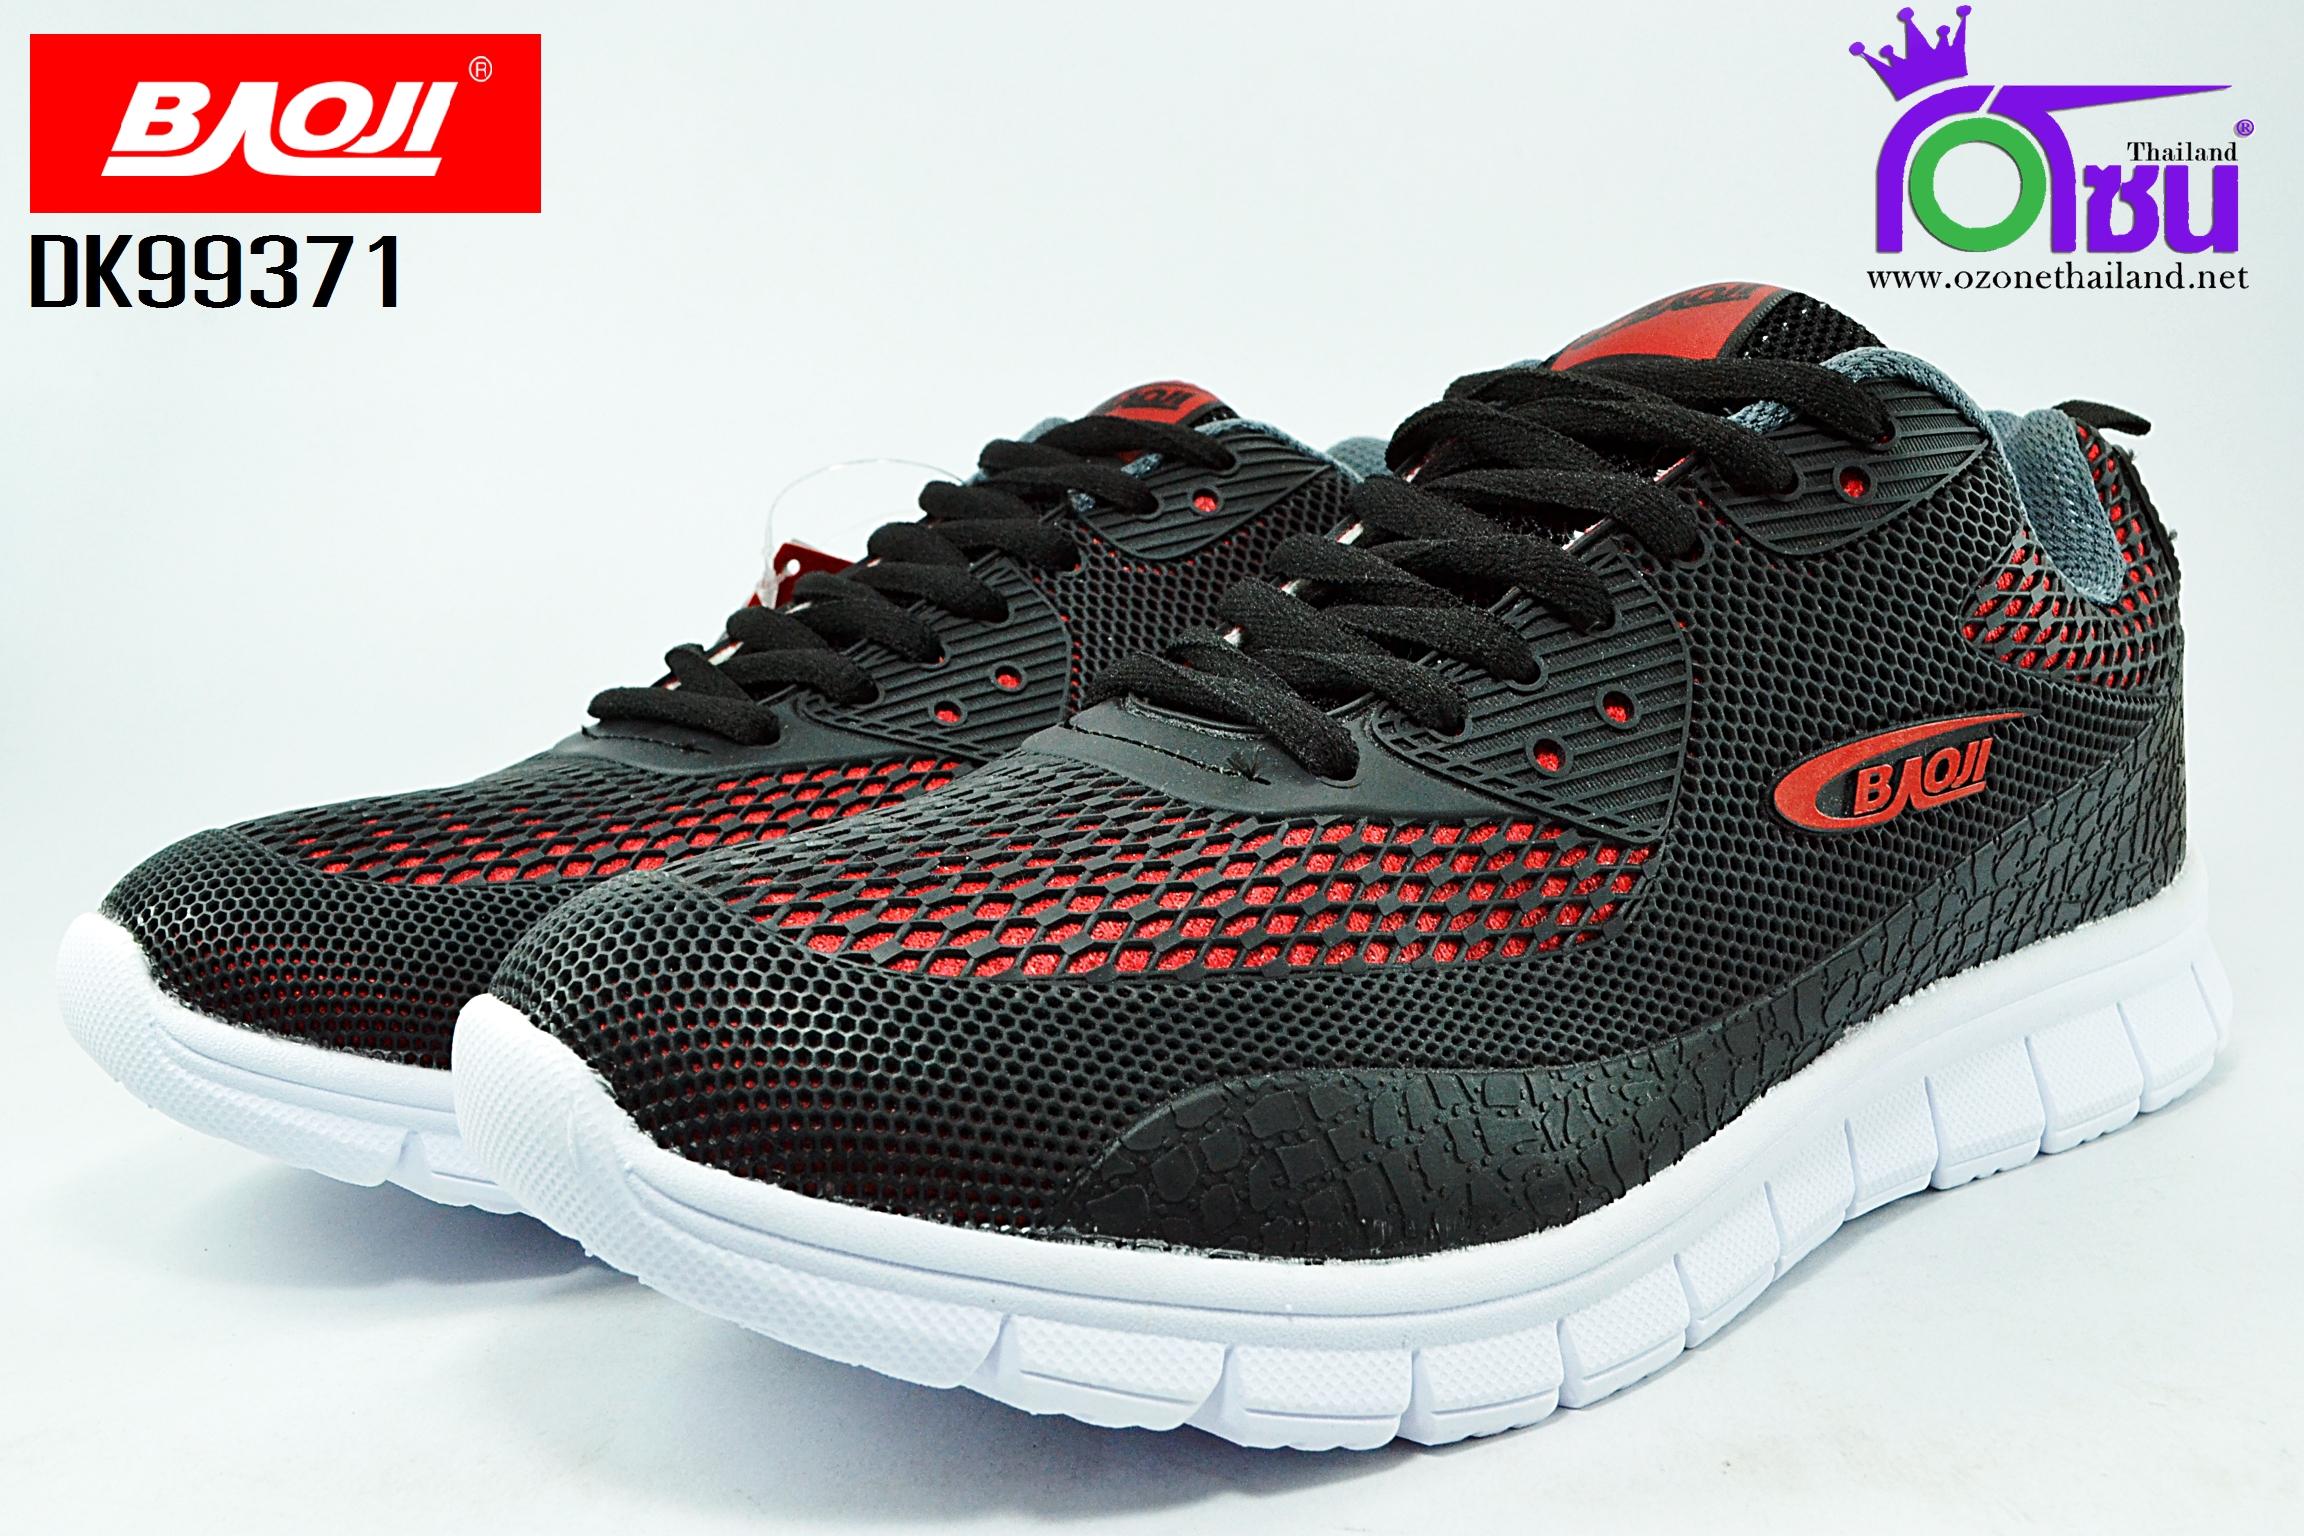 รองเท้าผ้าใบ BAOJI บาโอจิ รุ่น DK99371 สีดำแดง เบอร์ 41-45